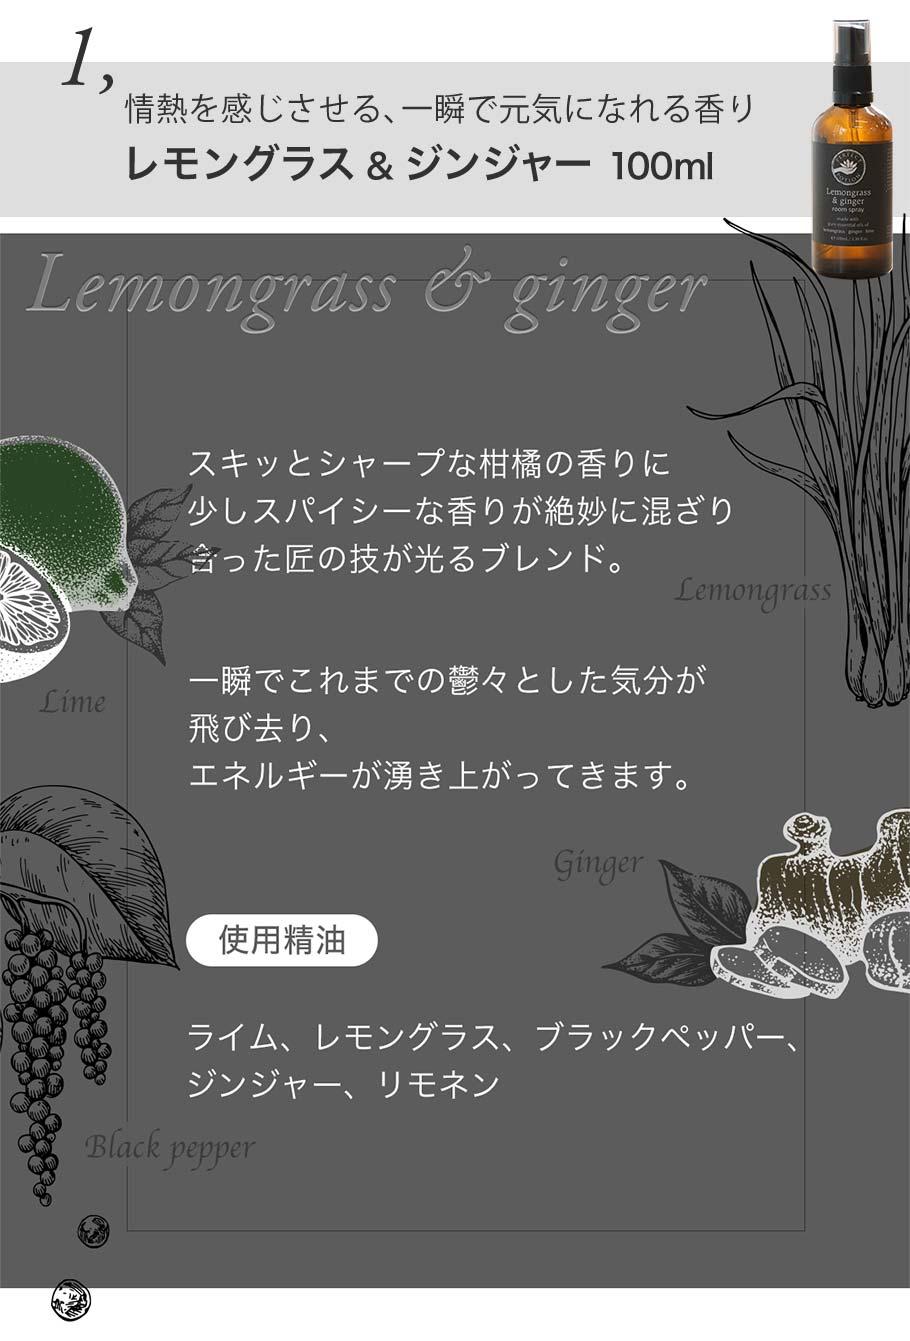 レモングラス & ジンジャー100mL